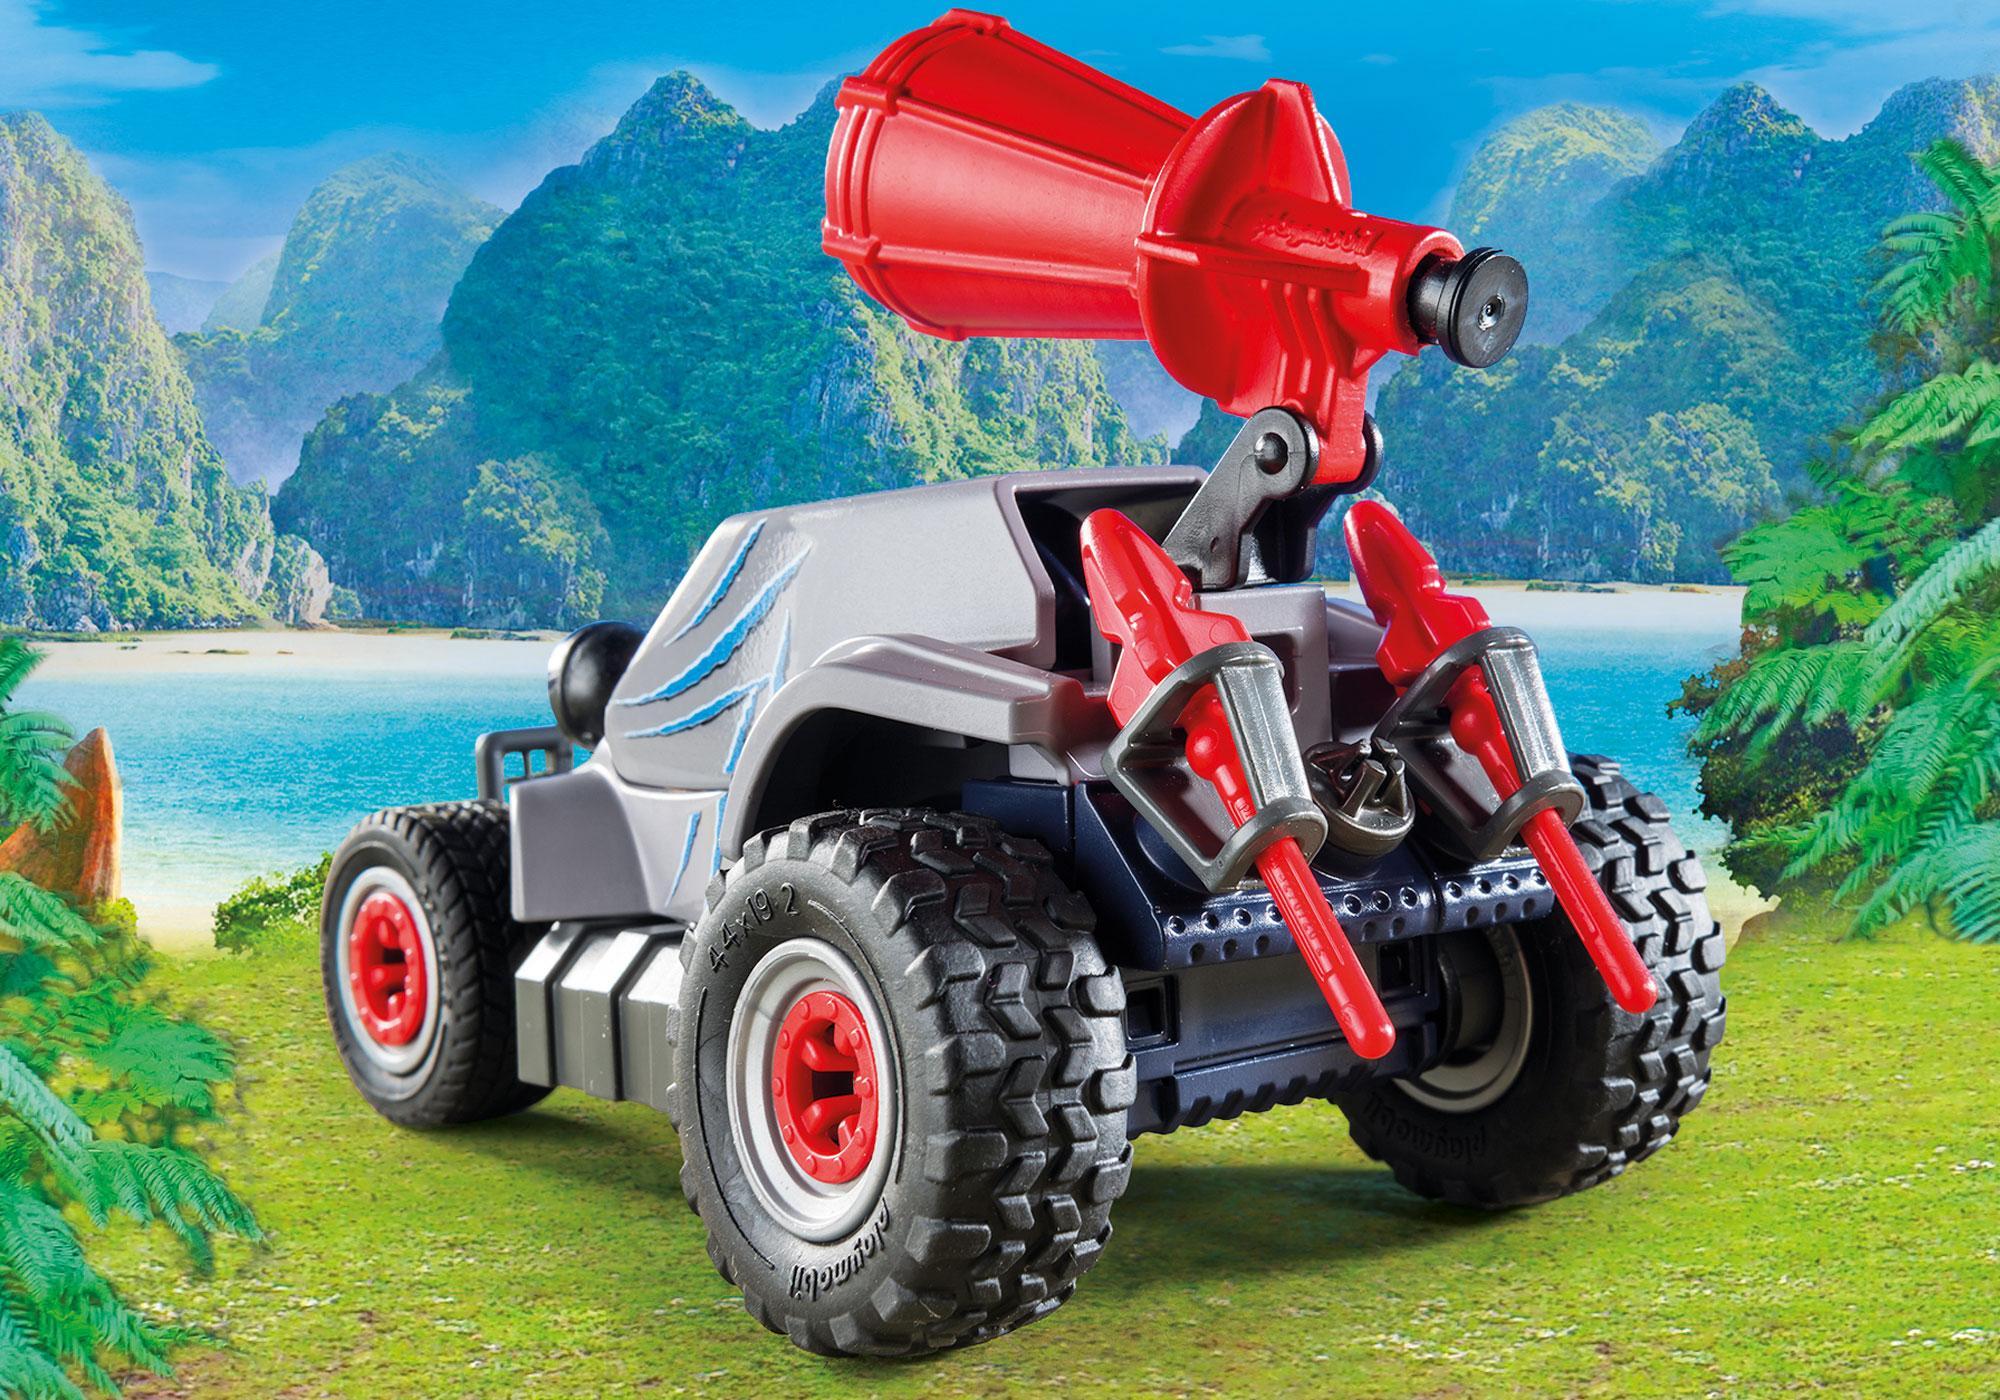 http://media.playmobil.com/i/playmobil/9434_product_extra1/Samochód terenowy z działającą wyrzutnią sieci